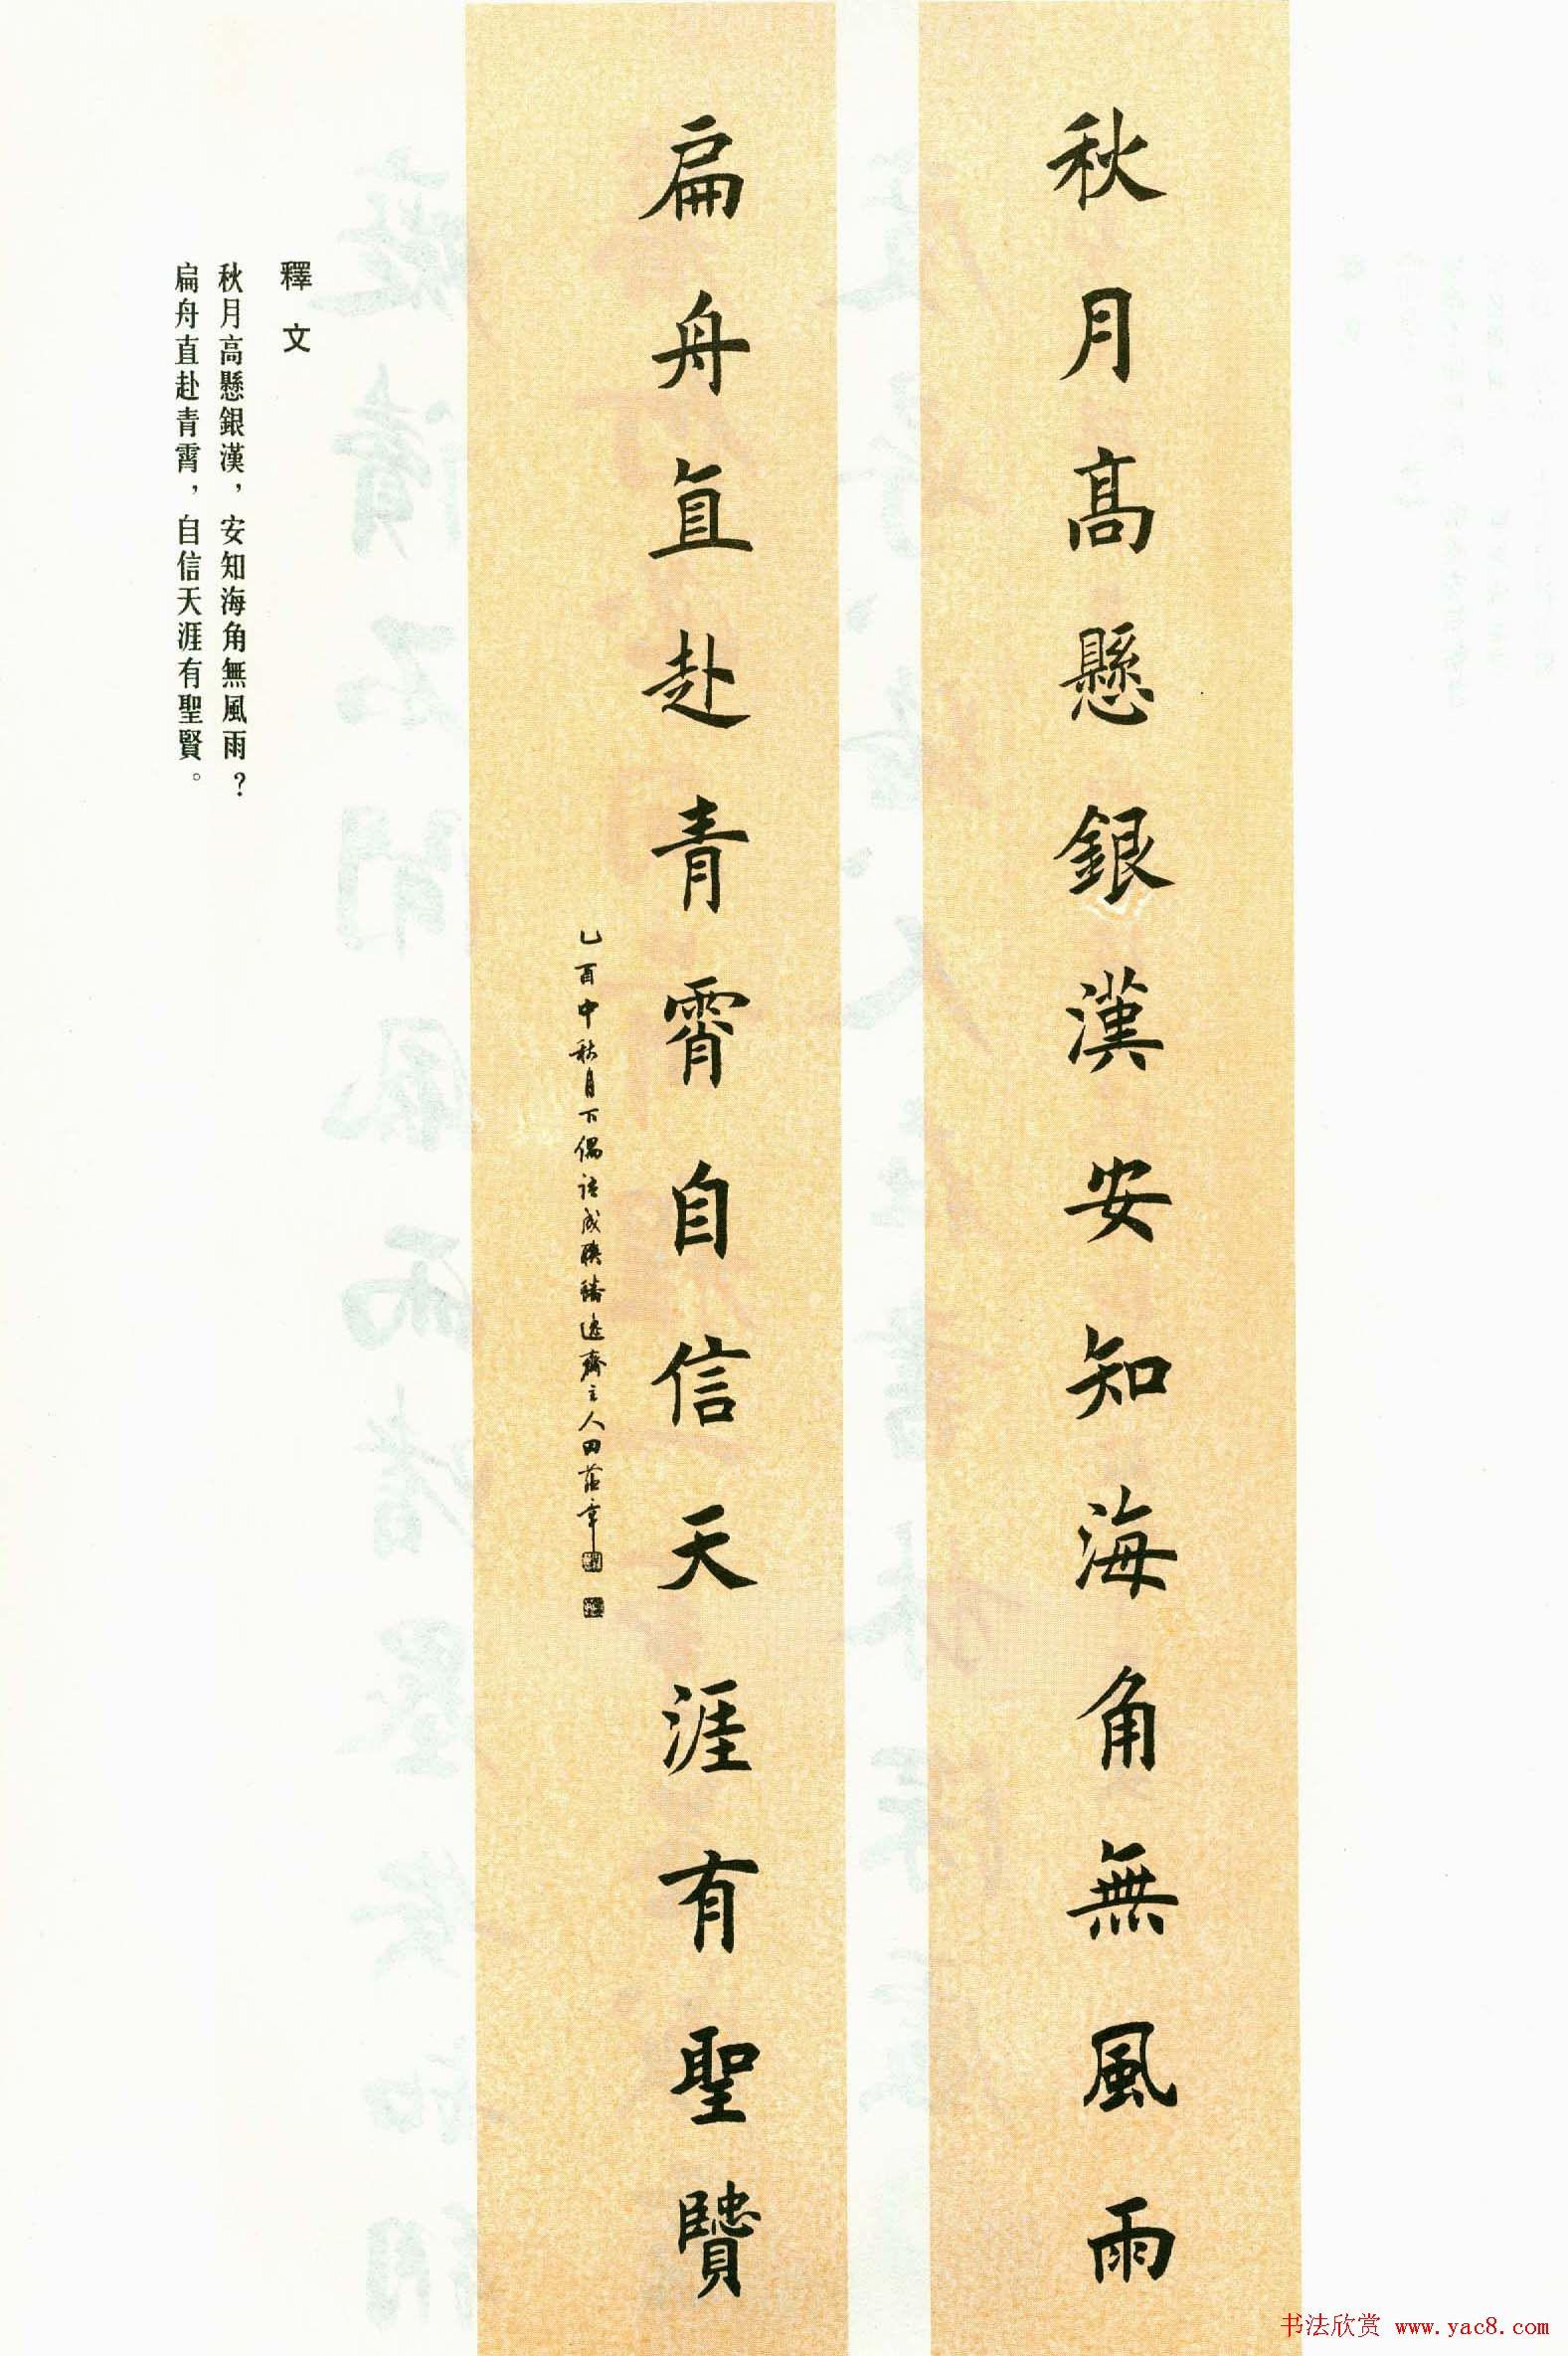 ... 欣赏《田蕴章墨迹选》大图;田蕴章书法作品图片37